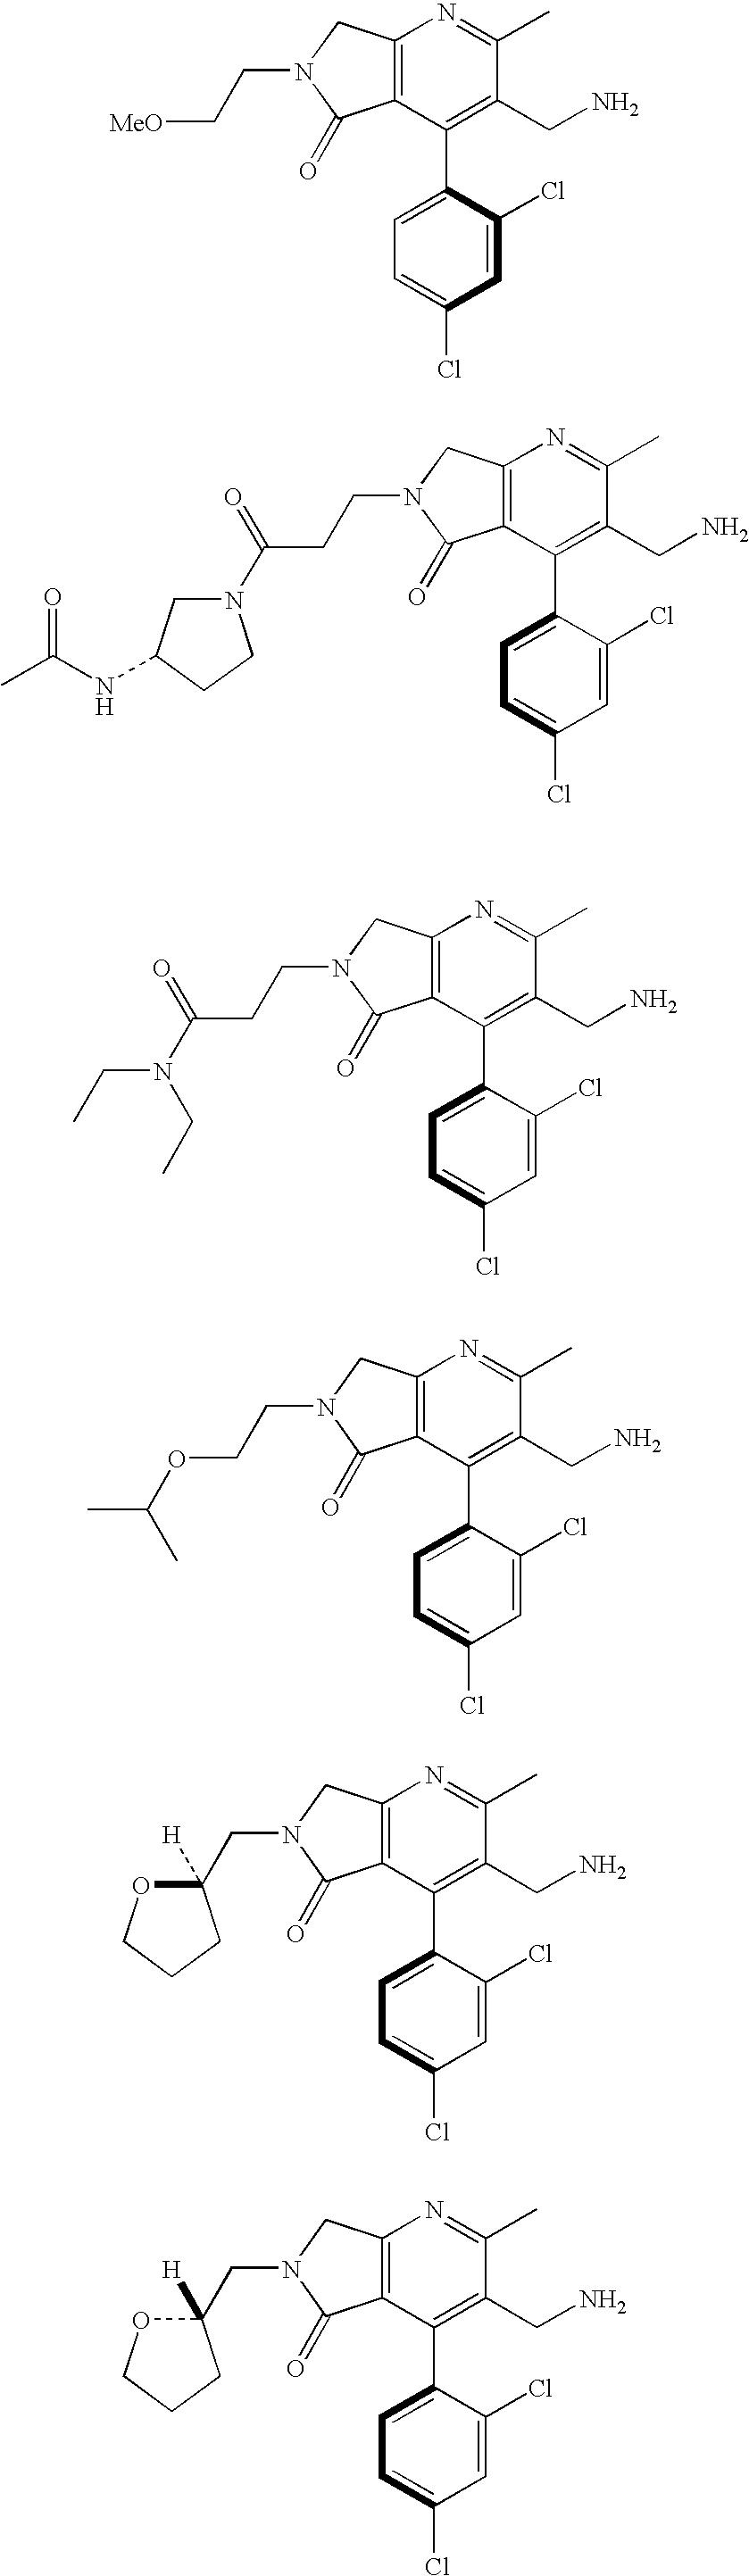 Figure US07521557-20090421-C00310